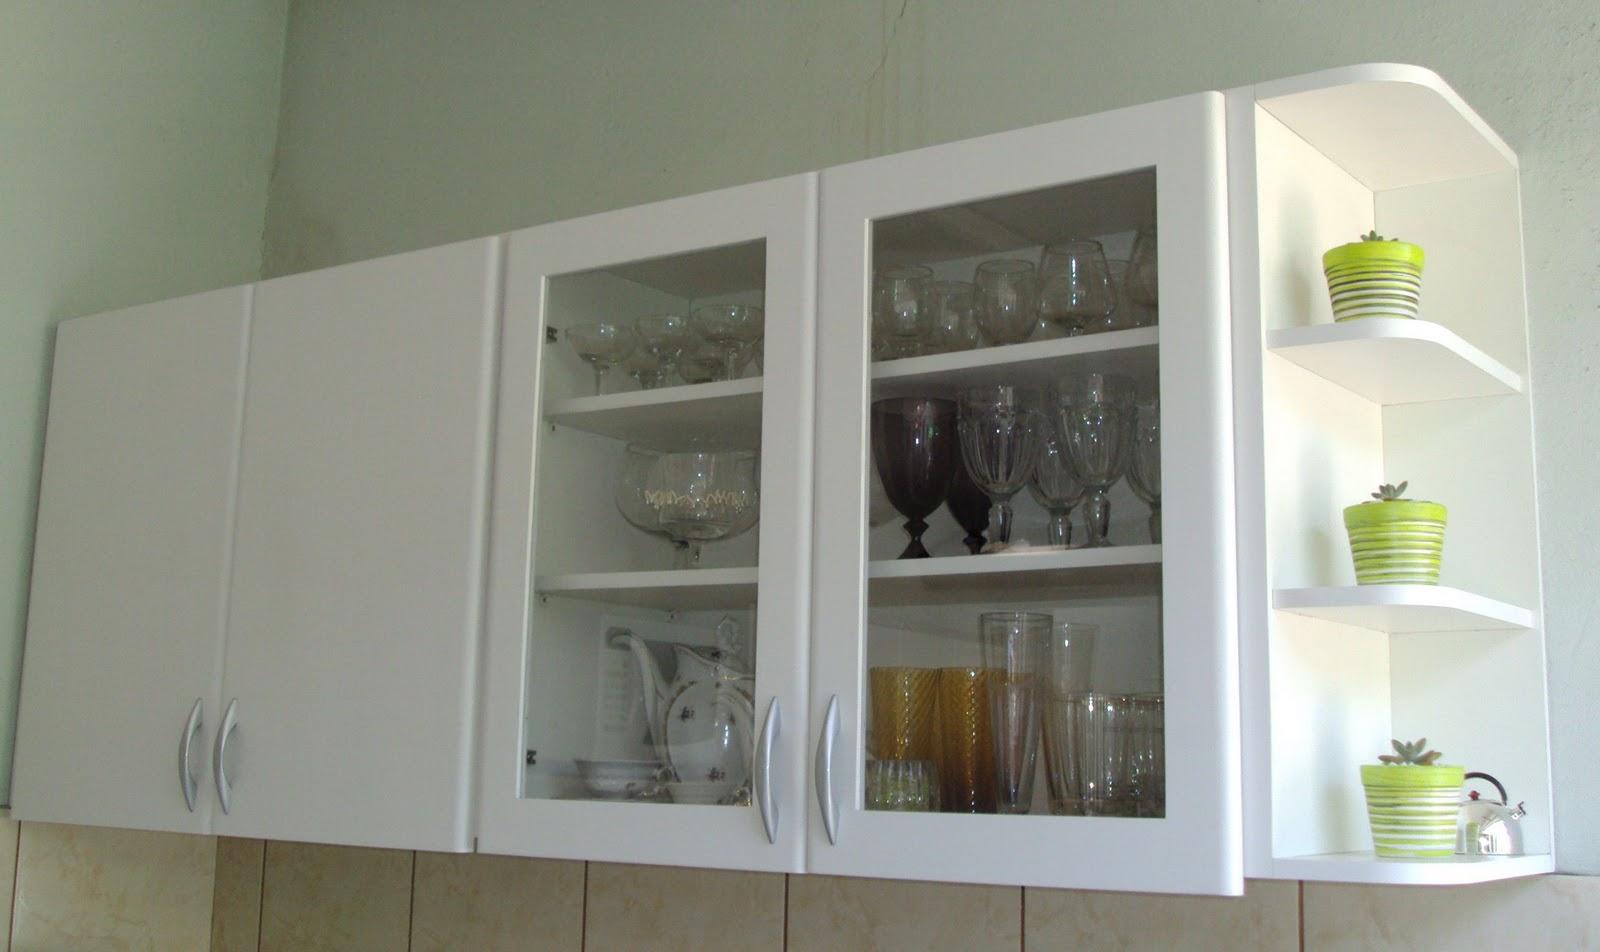 #5A4F39  MBR Móveis: Armário de cozinha em fórmica e melamina branca 1600x952 px A Cozinha Mais Recente Projeta Fotos_836 Imagens